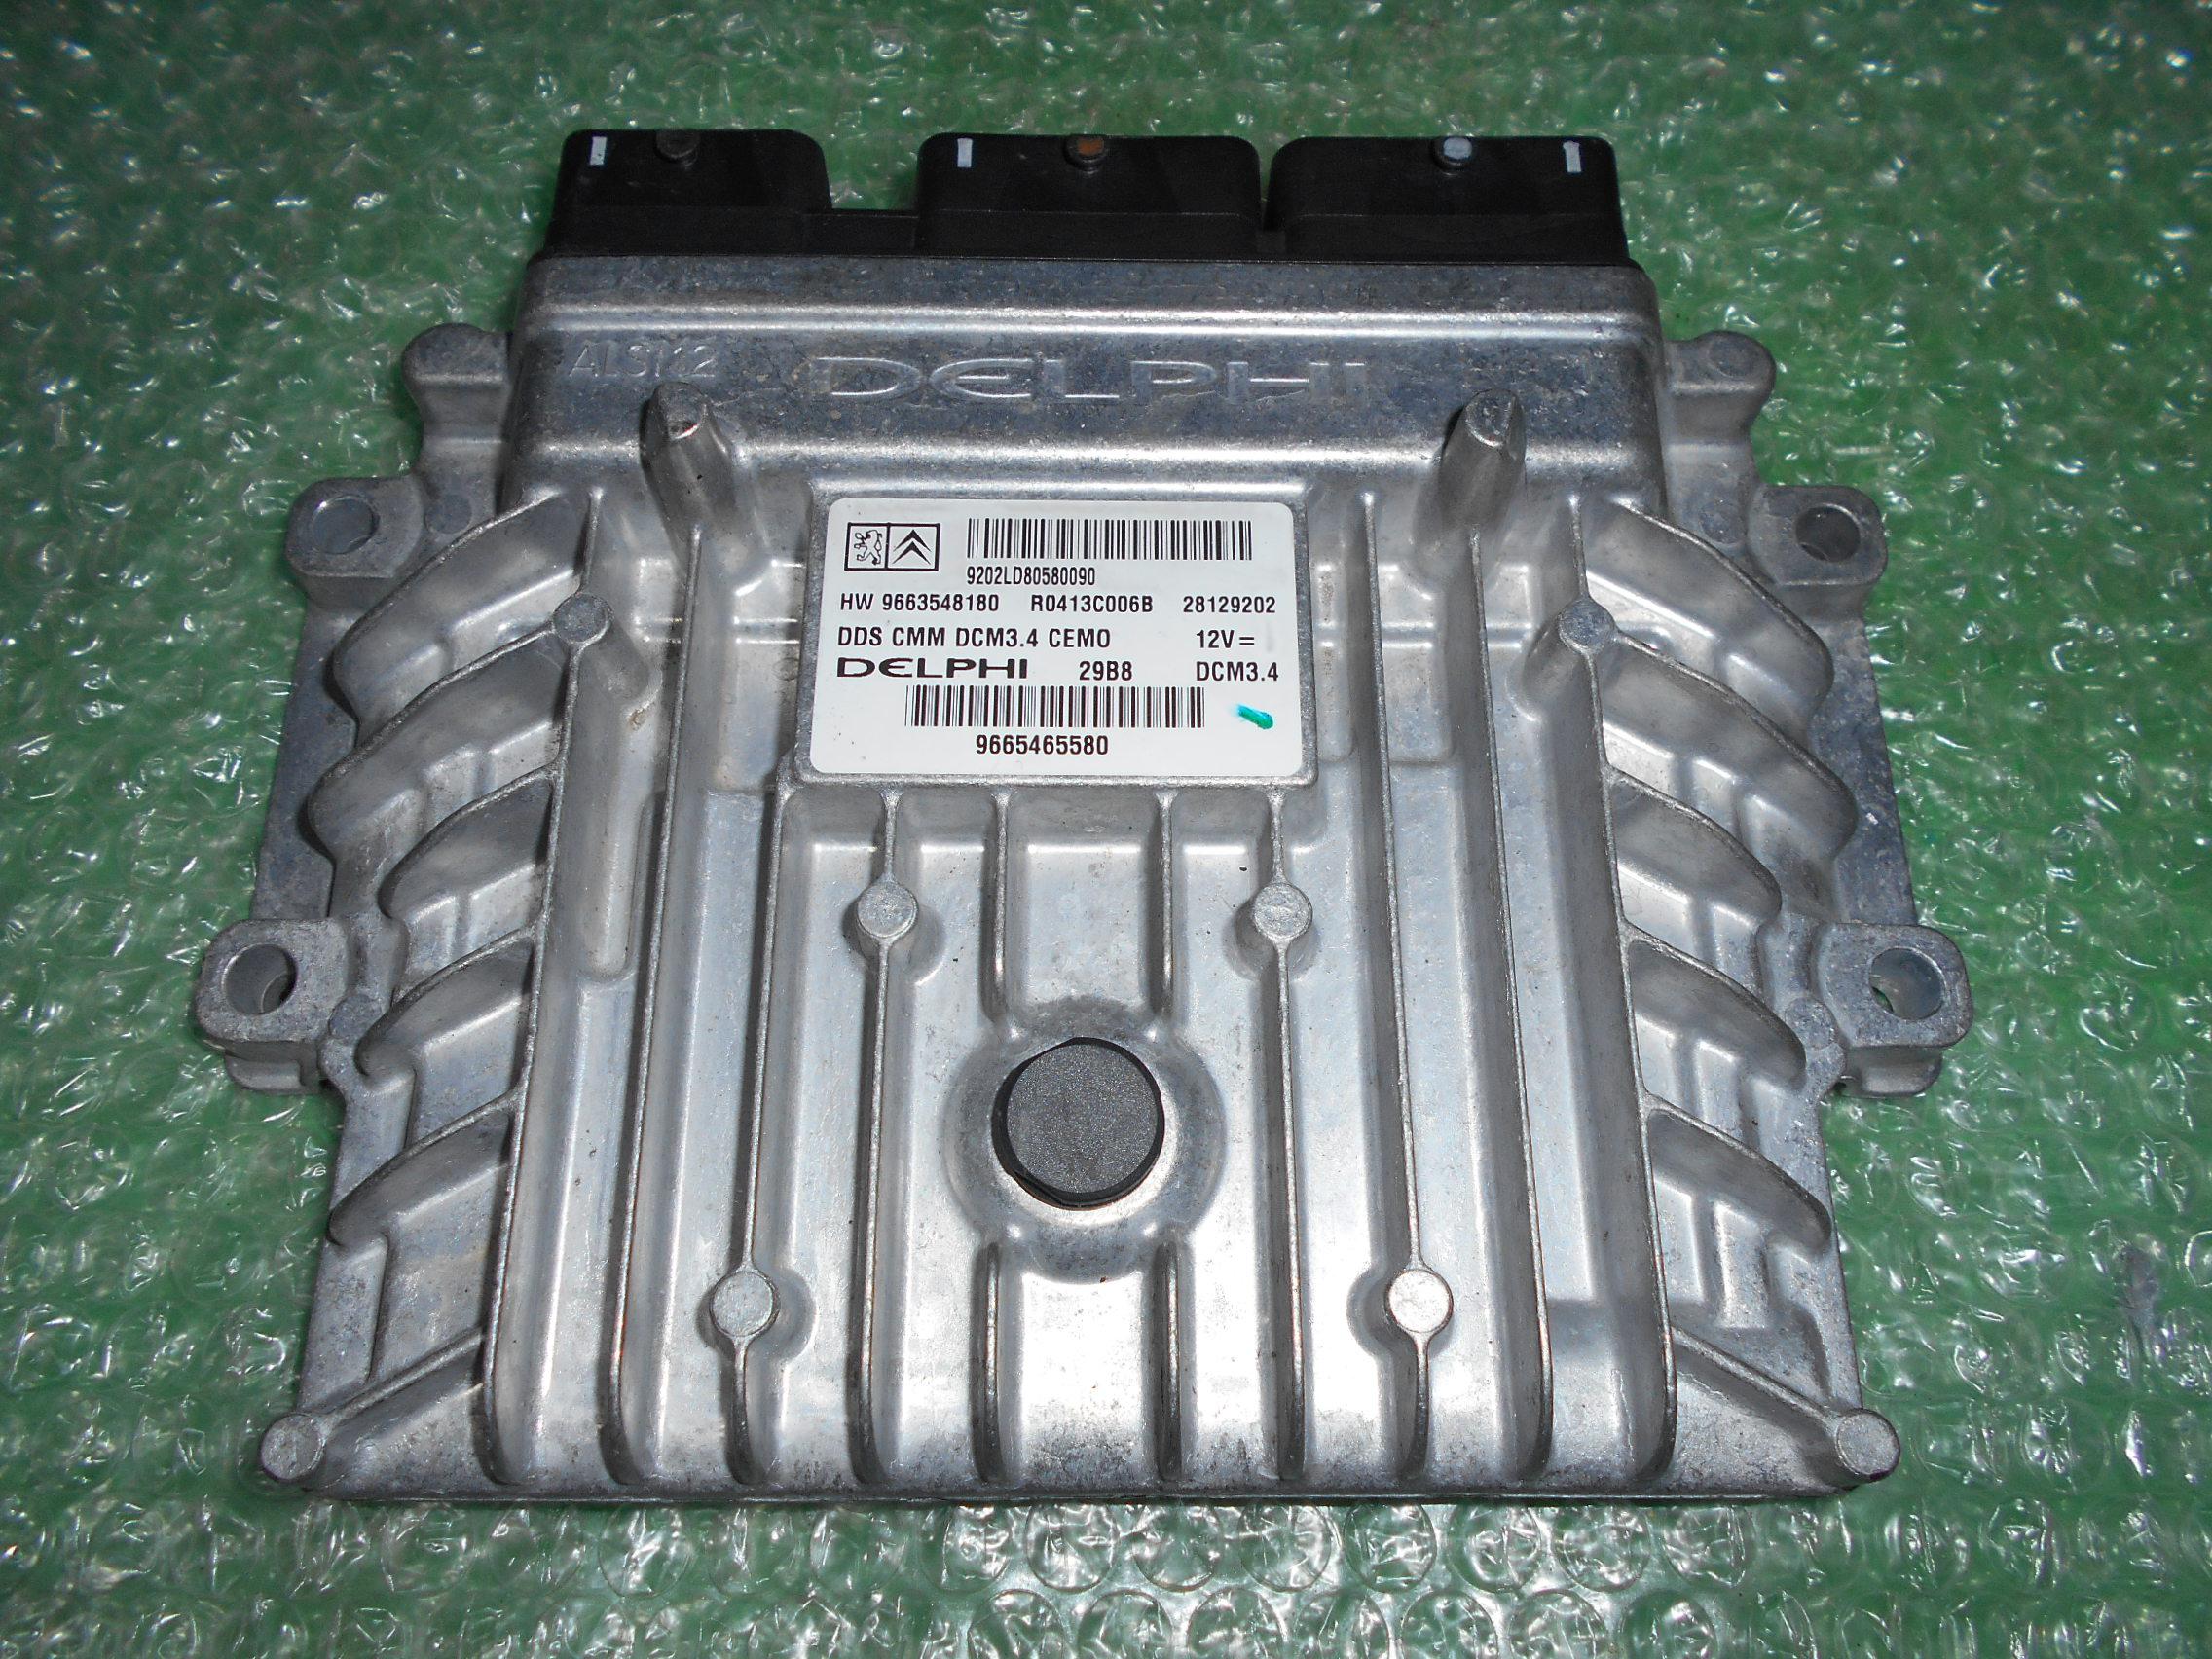 CENTRALITA UCE MOTOR 9665465580 – 9663548180 PEUGEOT 407 2.2 ST (2004-2010)